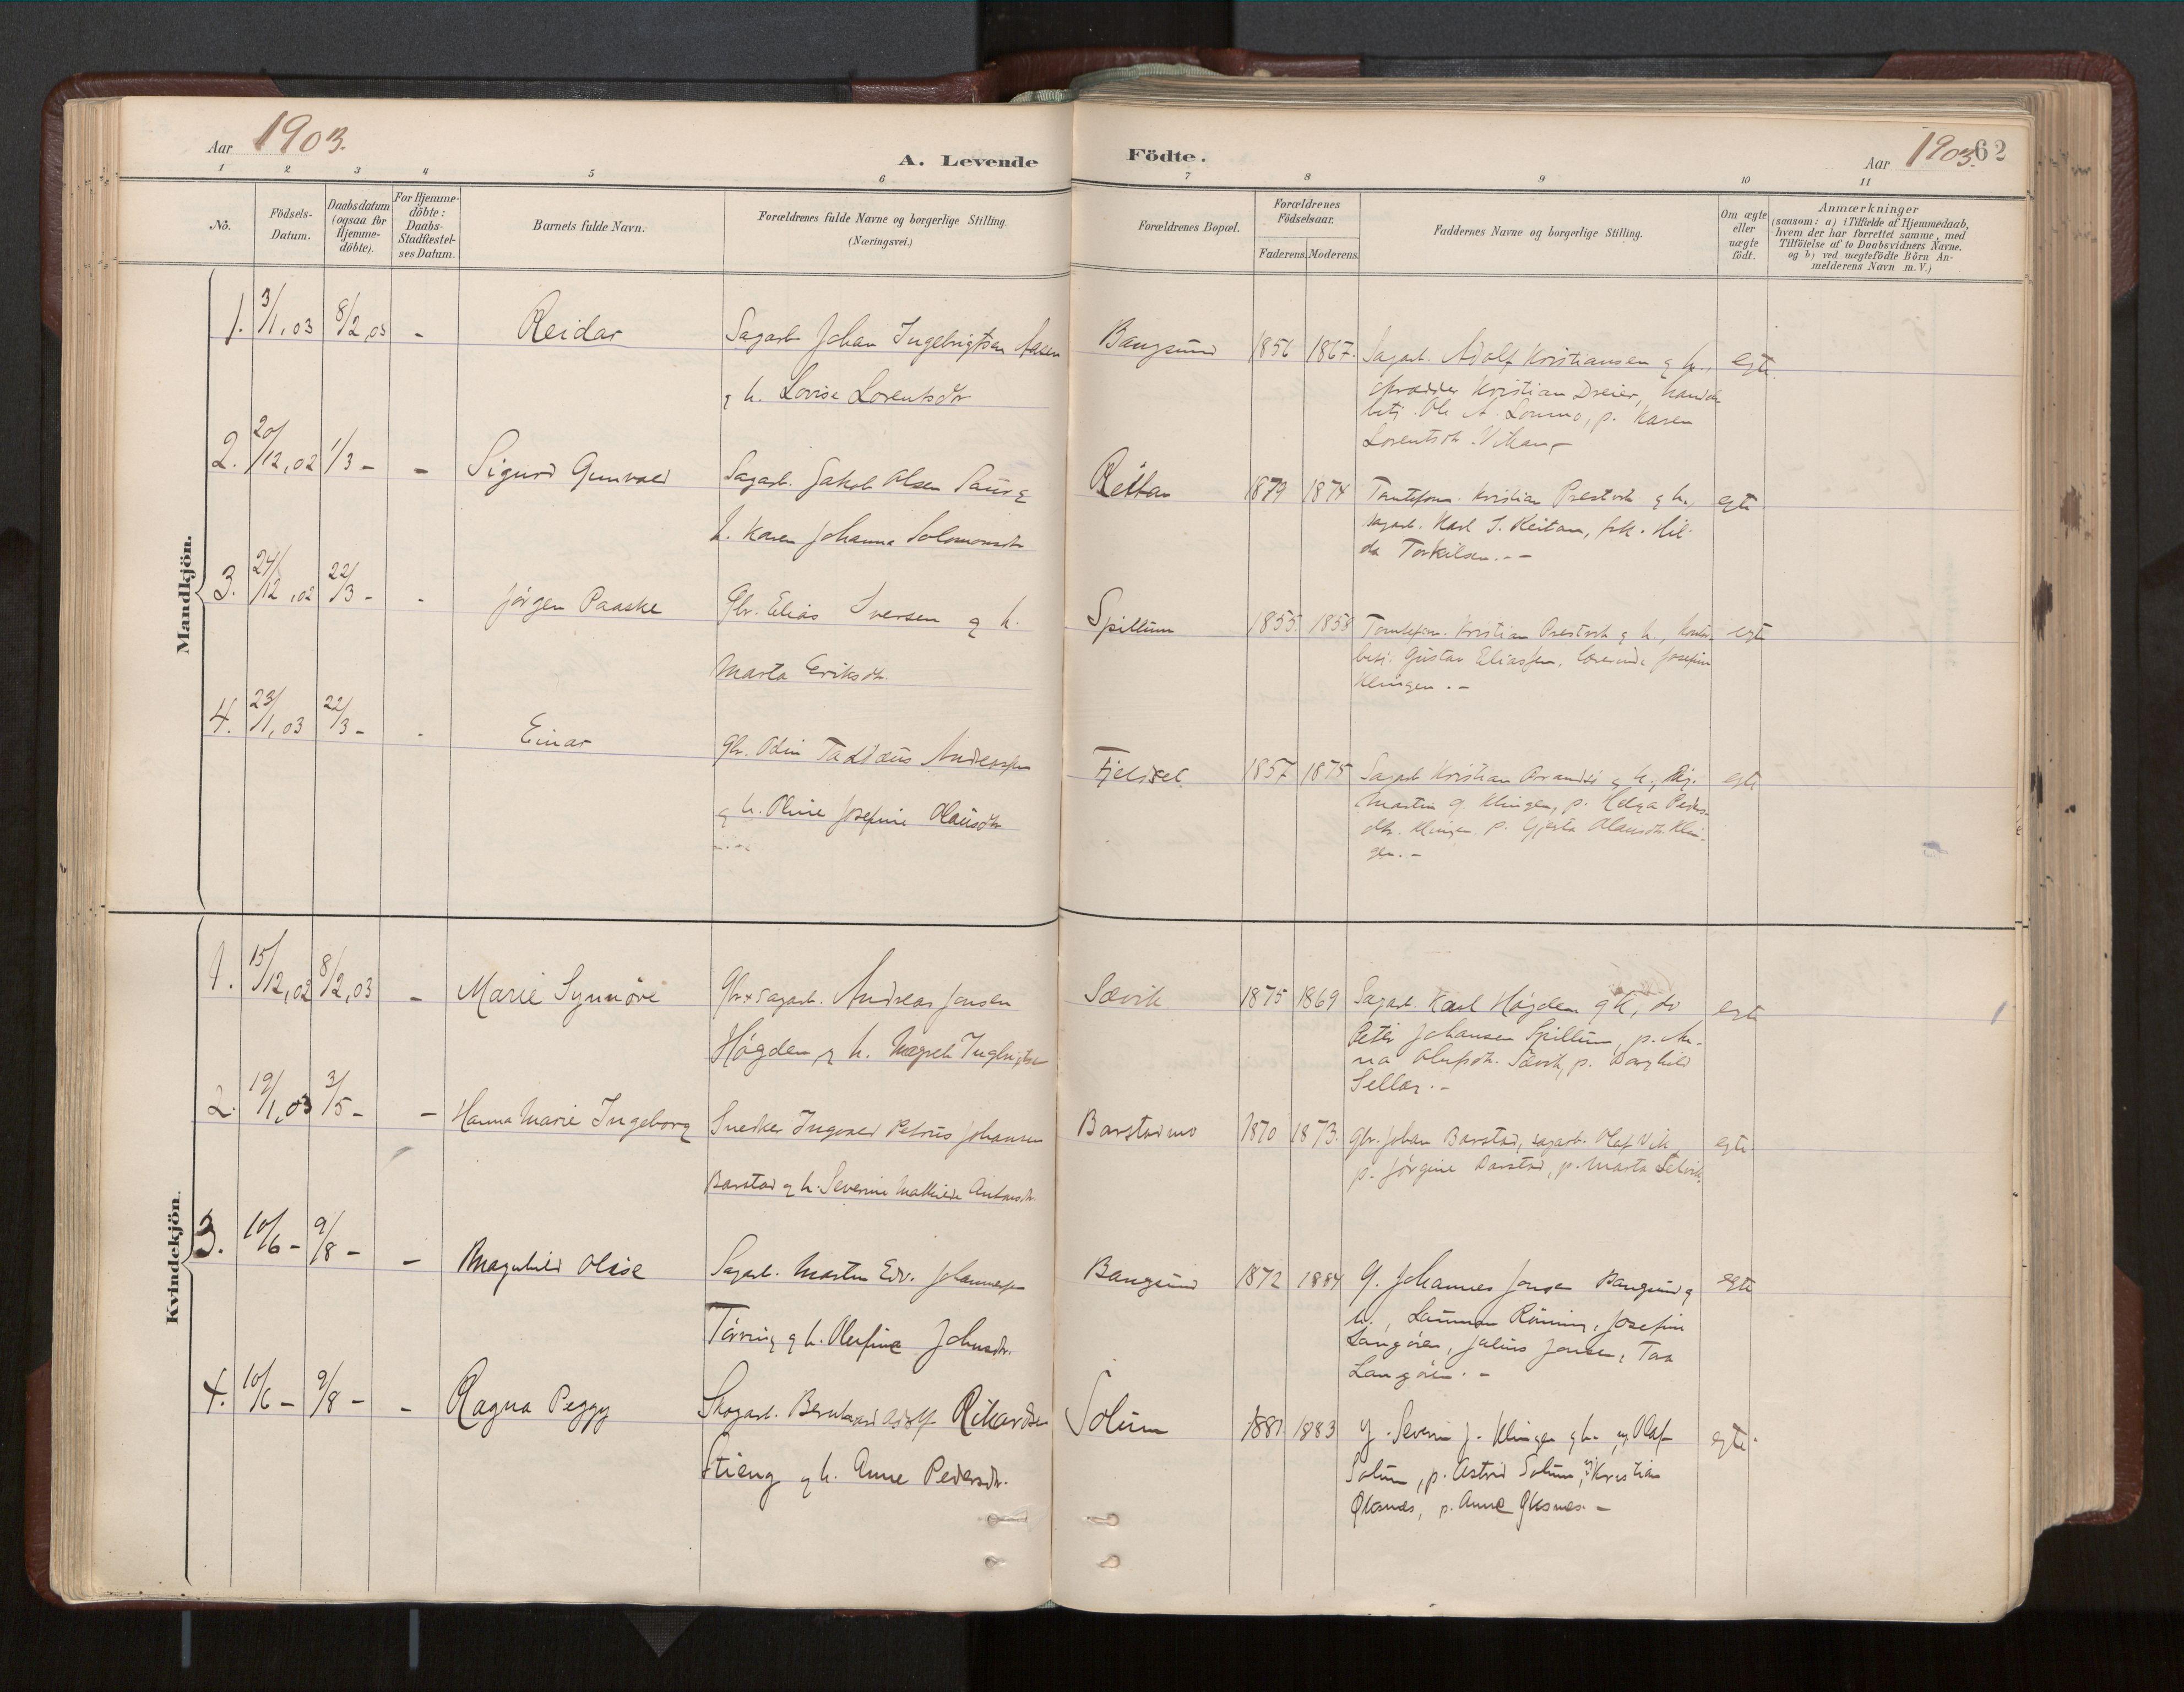 SAT, Ministerialprotokoller, klokkerbøker og fødselsregistre - Nord-Trøndelag, 770/L0589: Ministerialbok nr. 770A03, 1887-1929, s. 62